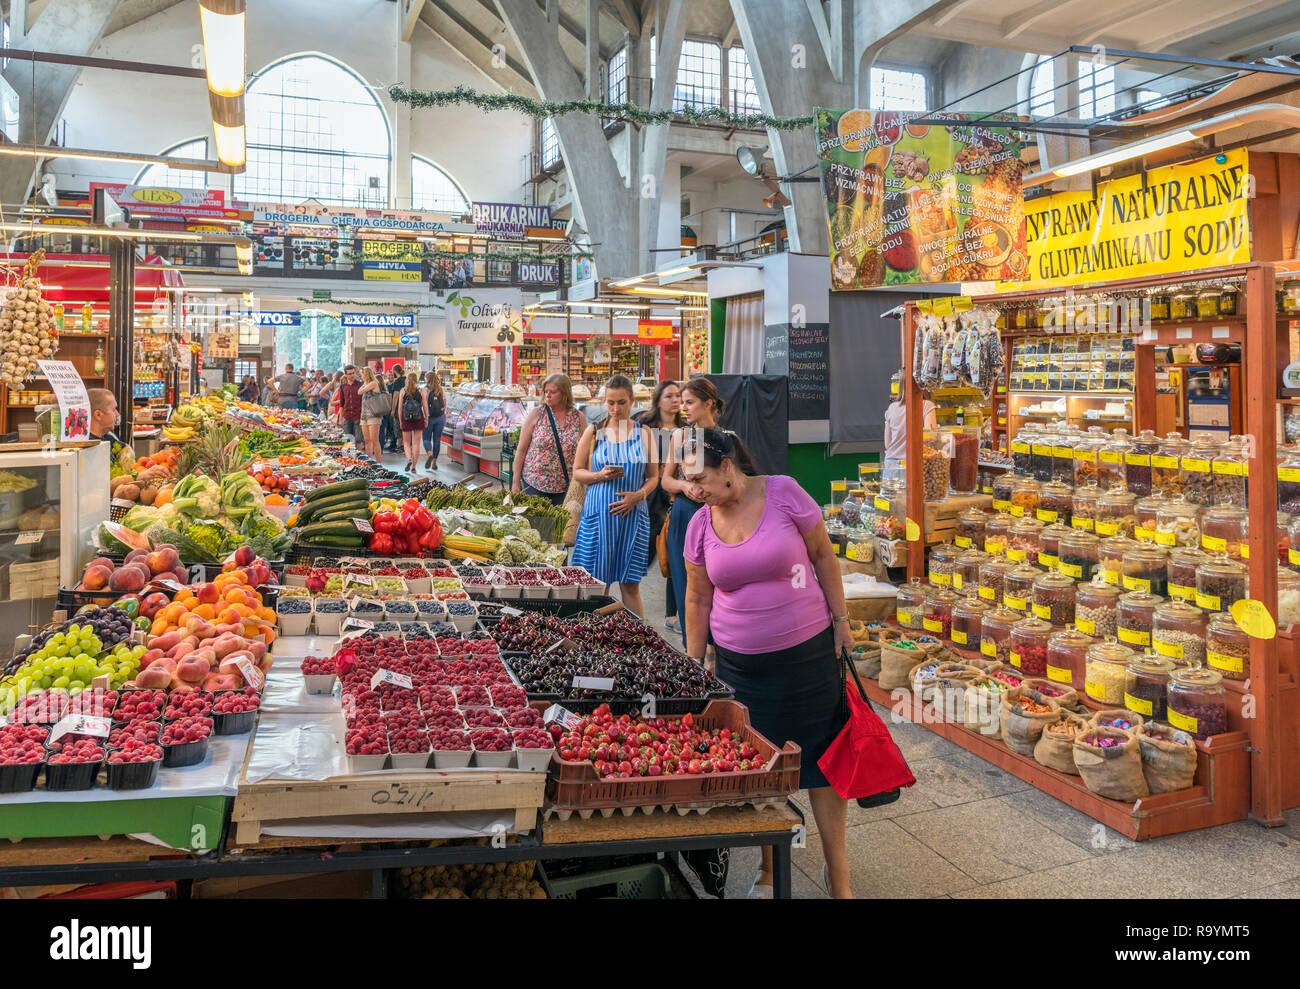 Shoppers in Wrocław Market Hall (Hala Targowa we Wrocławiu), Wroclaw, Silesia, Poland - Stock Image